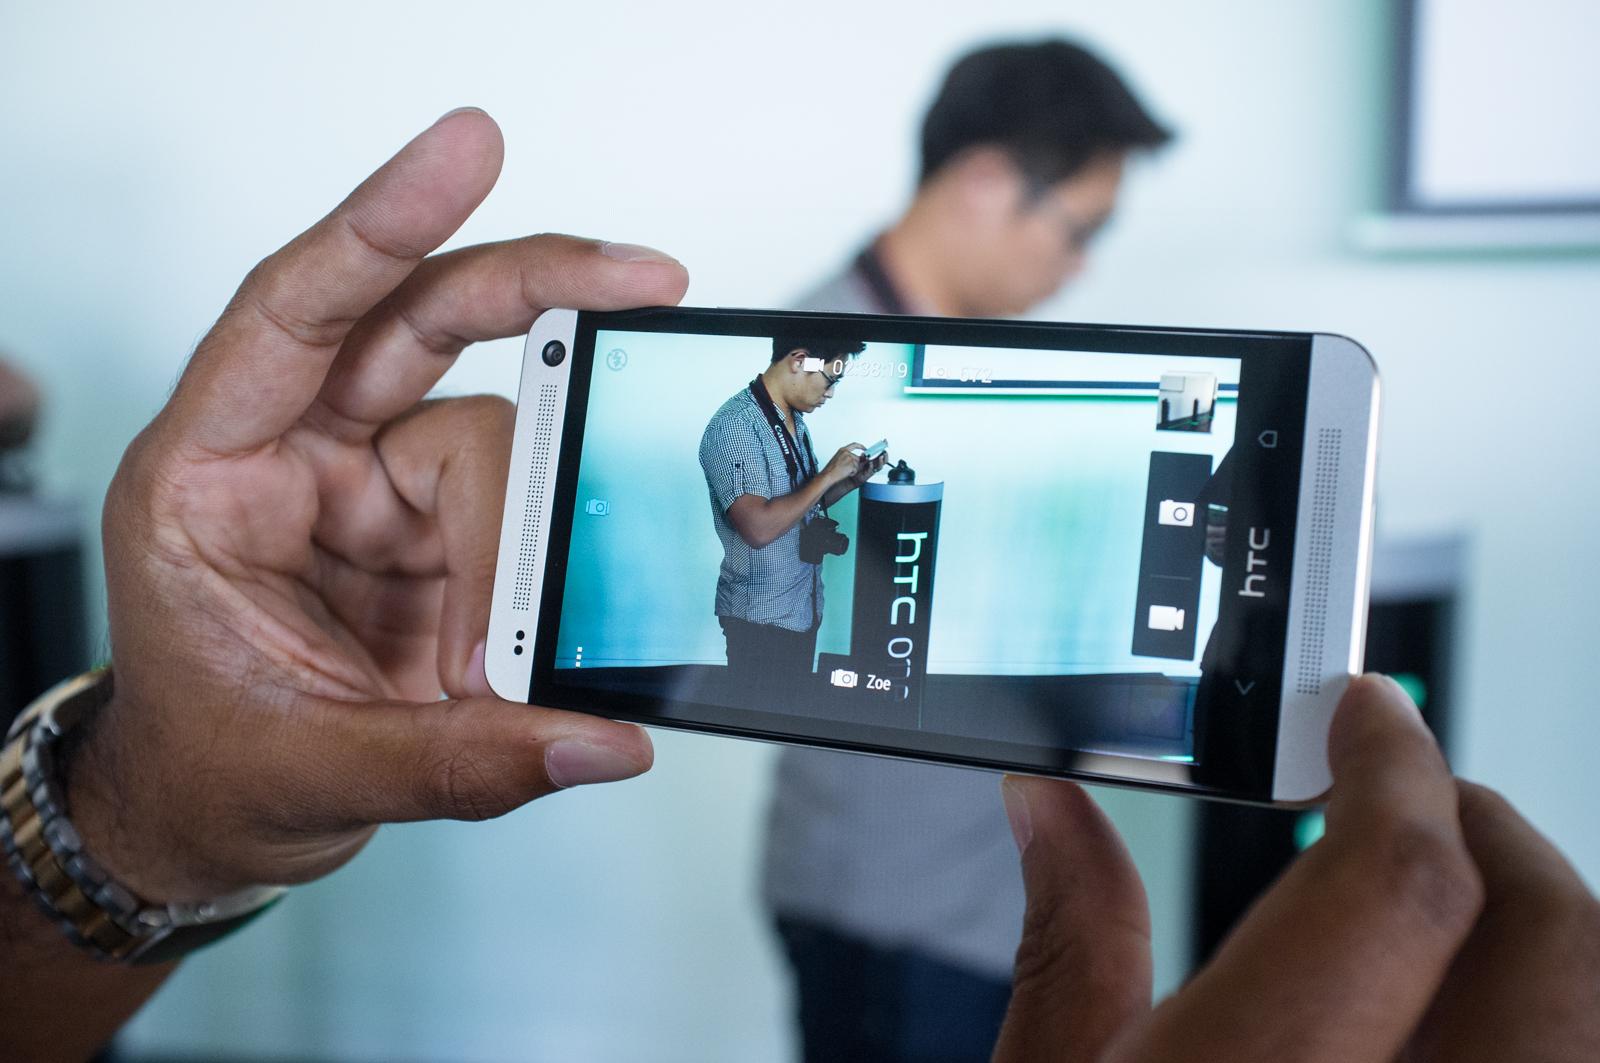 camera-HTC-One-M7